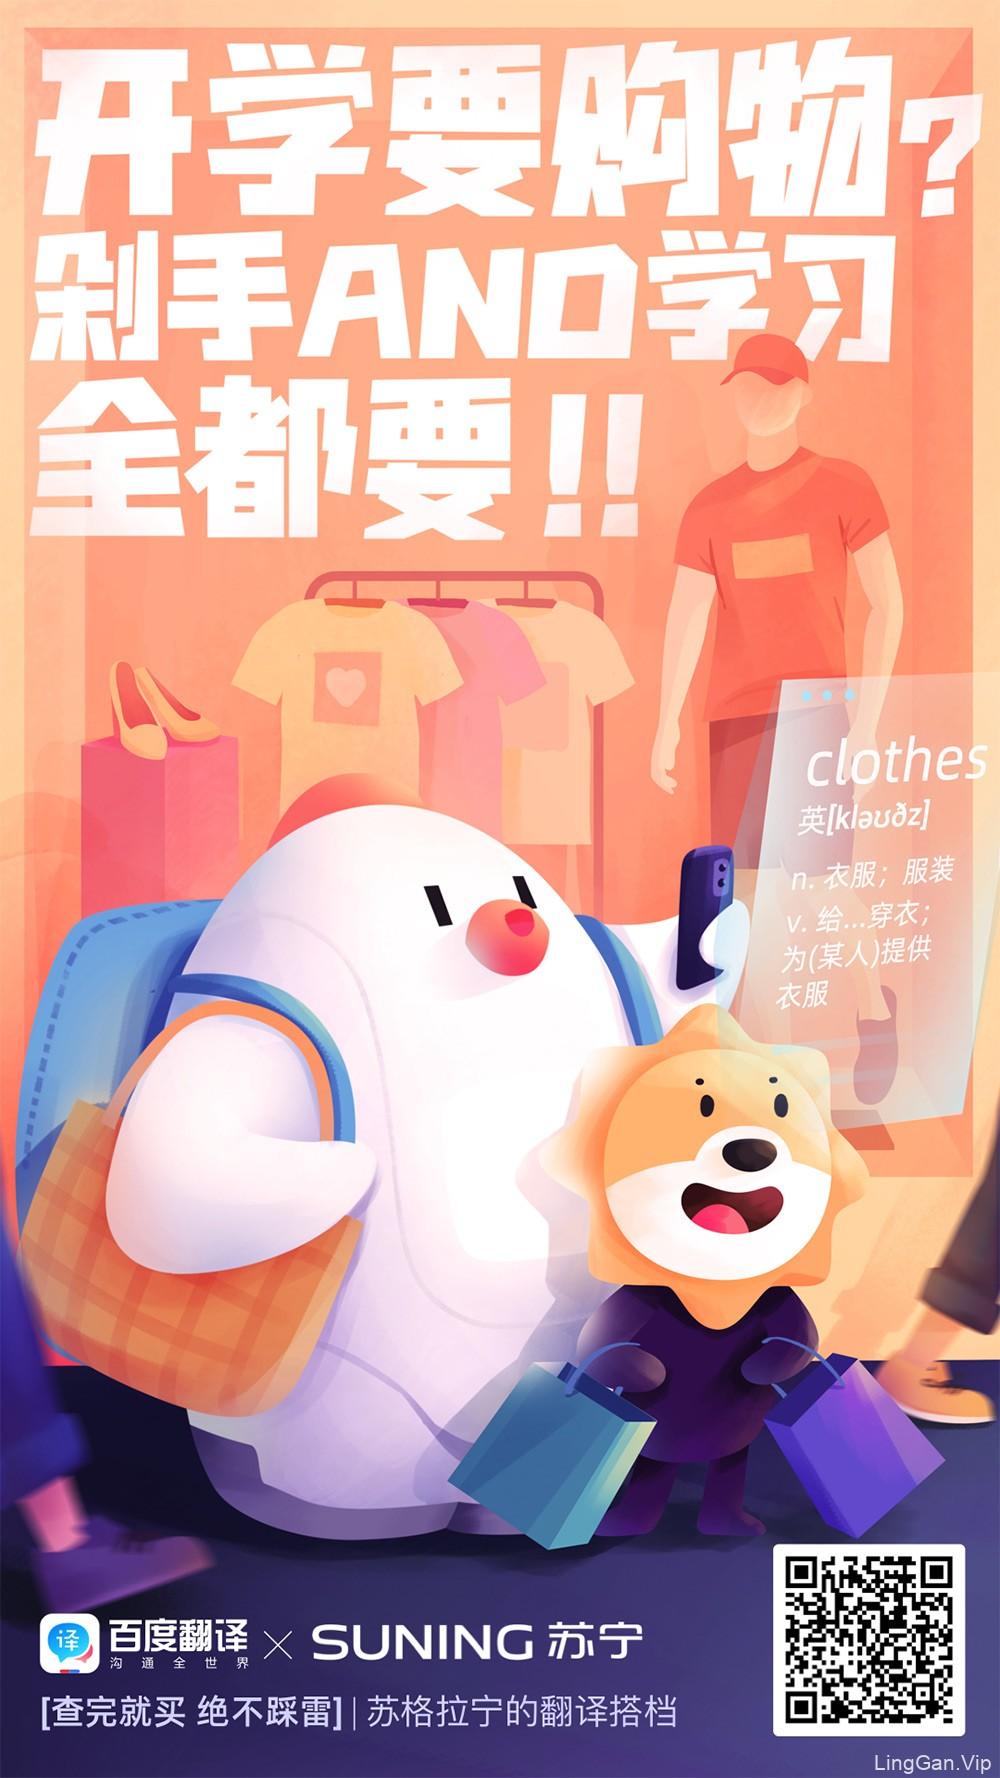 商家利用插画风格的营销海报增强品牌形象